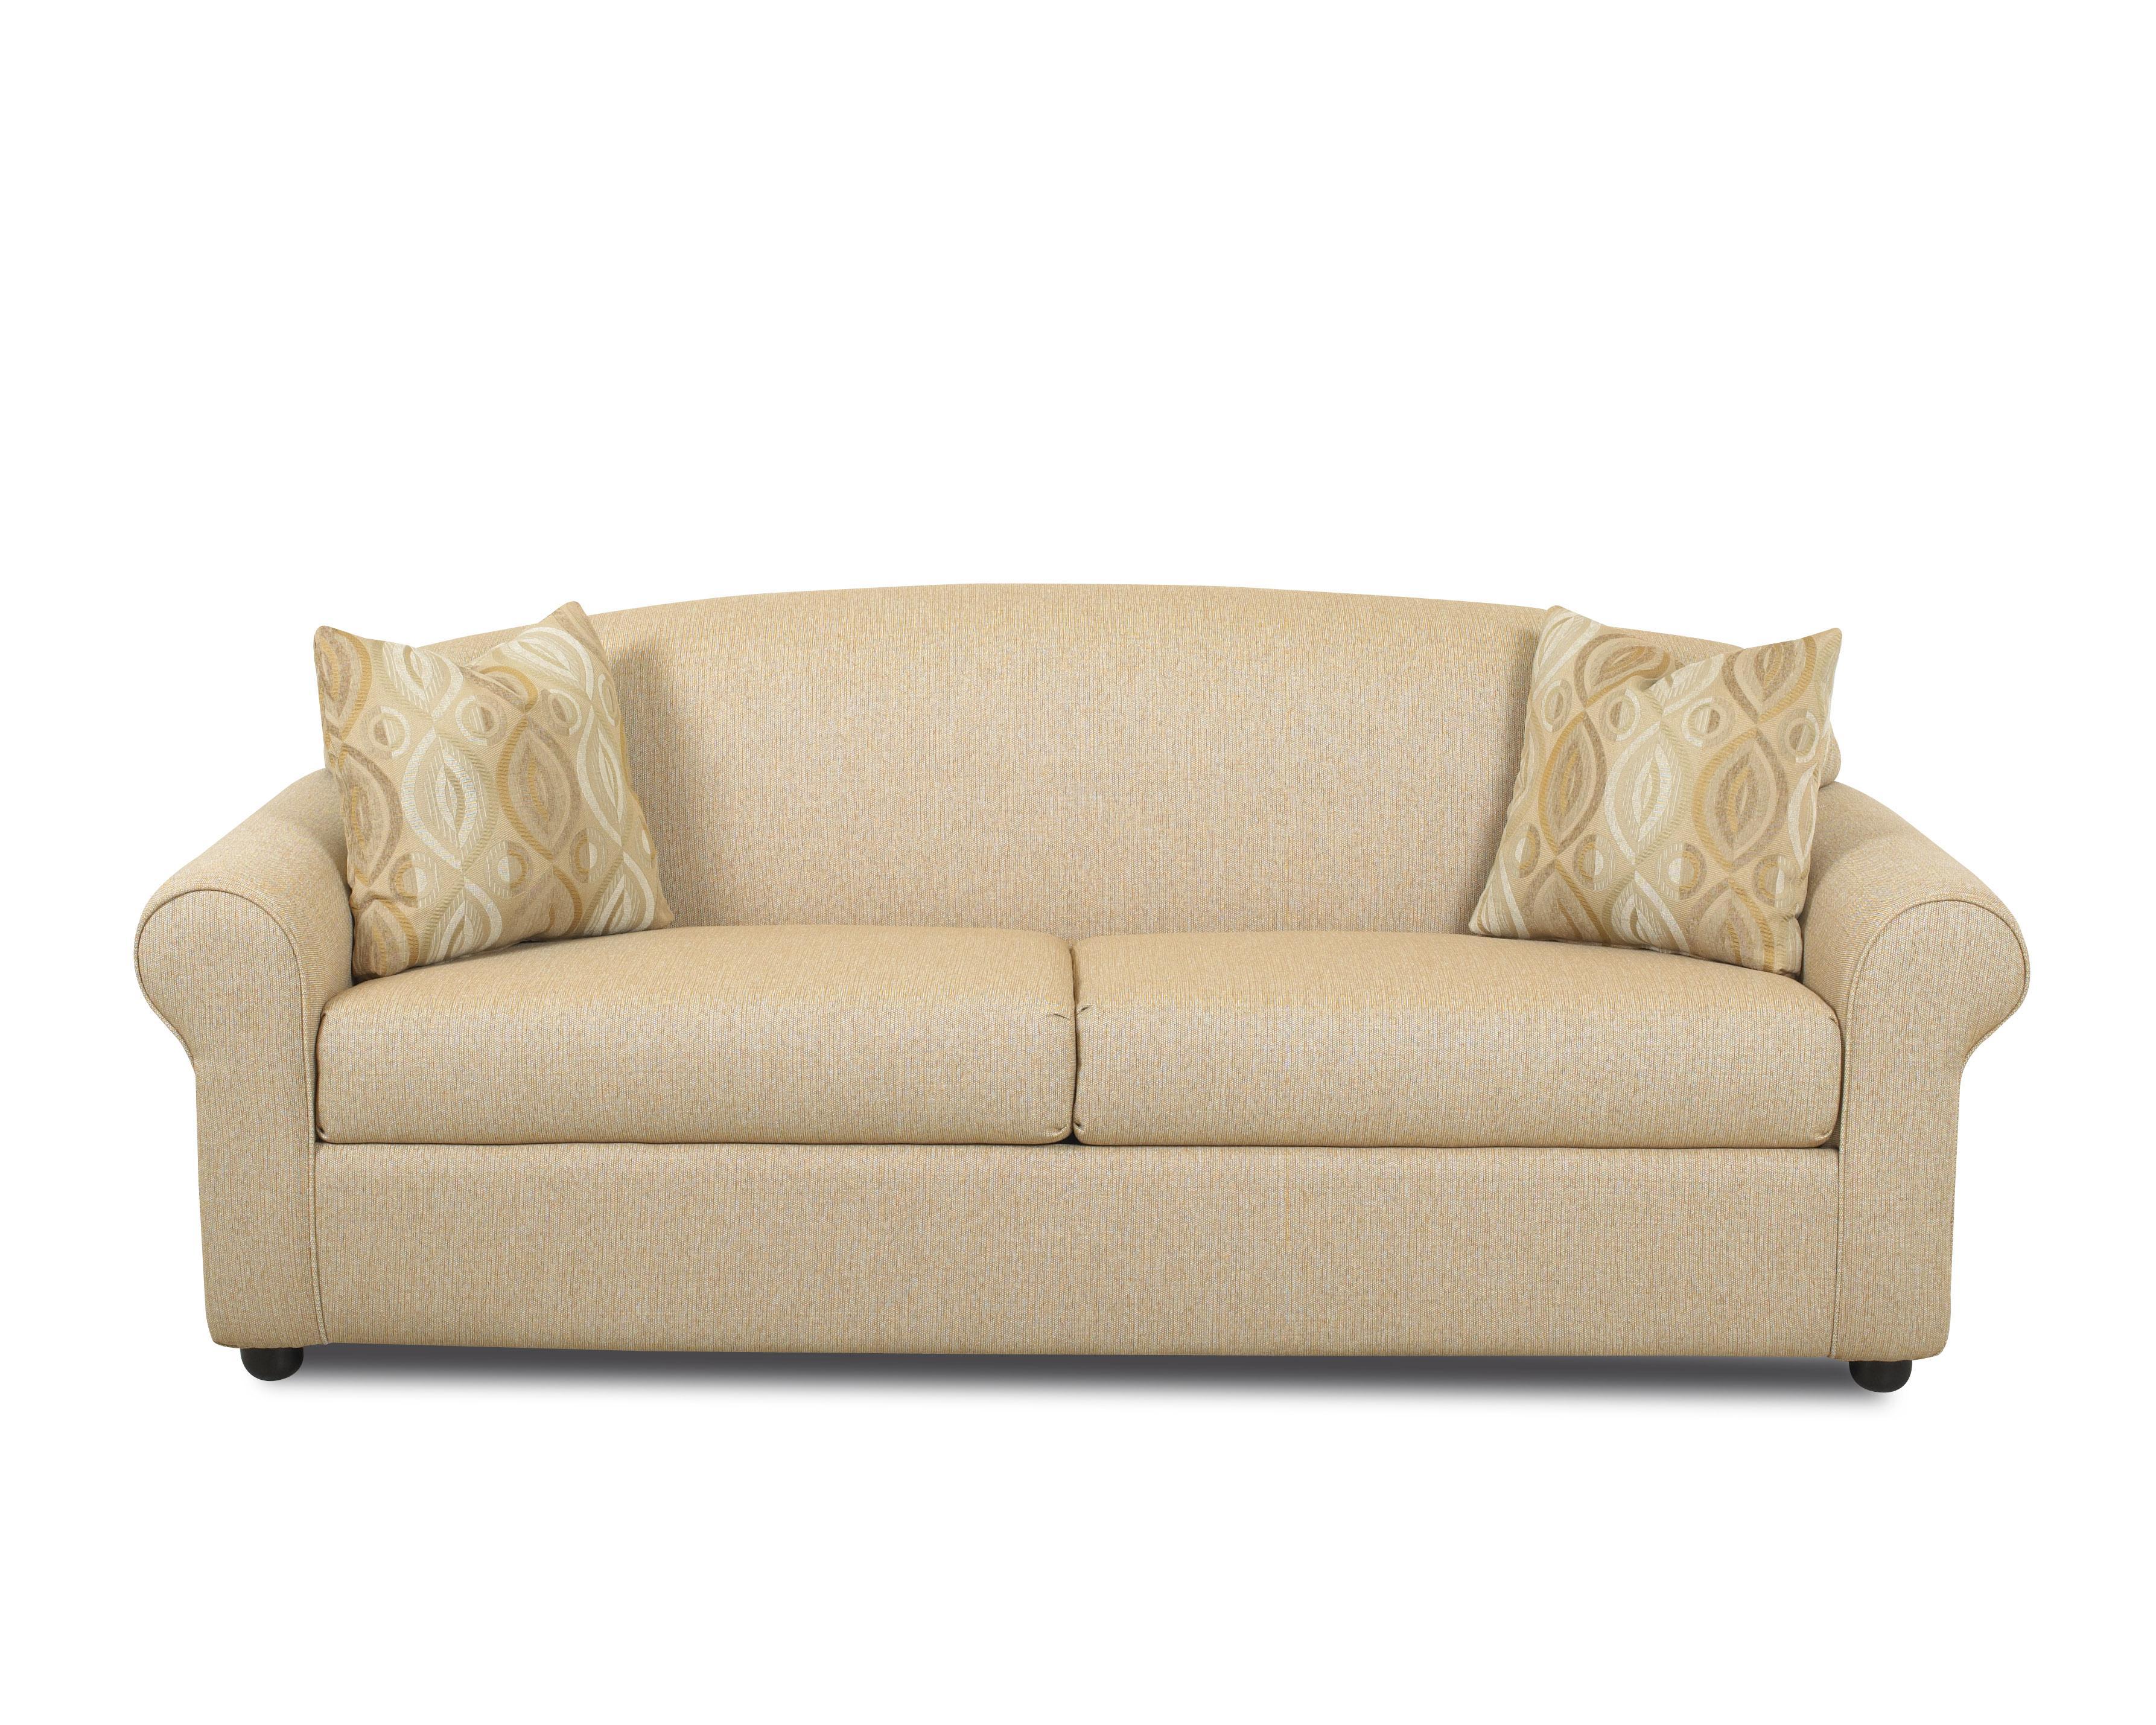 Klaussner Possibilities 500 Iqsl Queen Sofa Sleeper